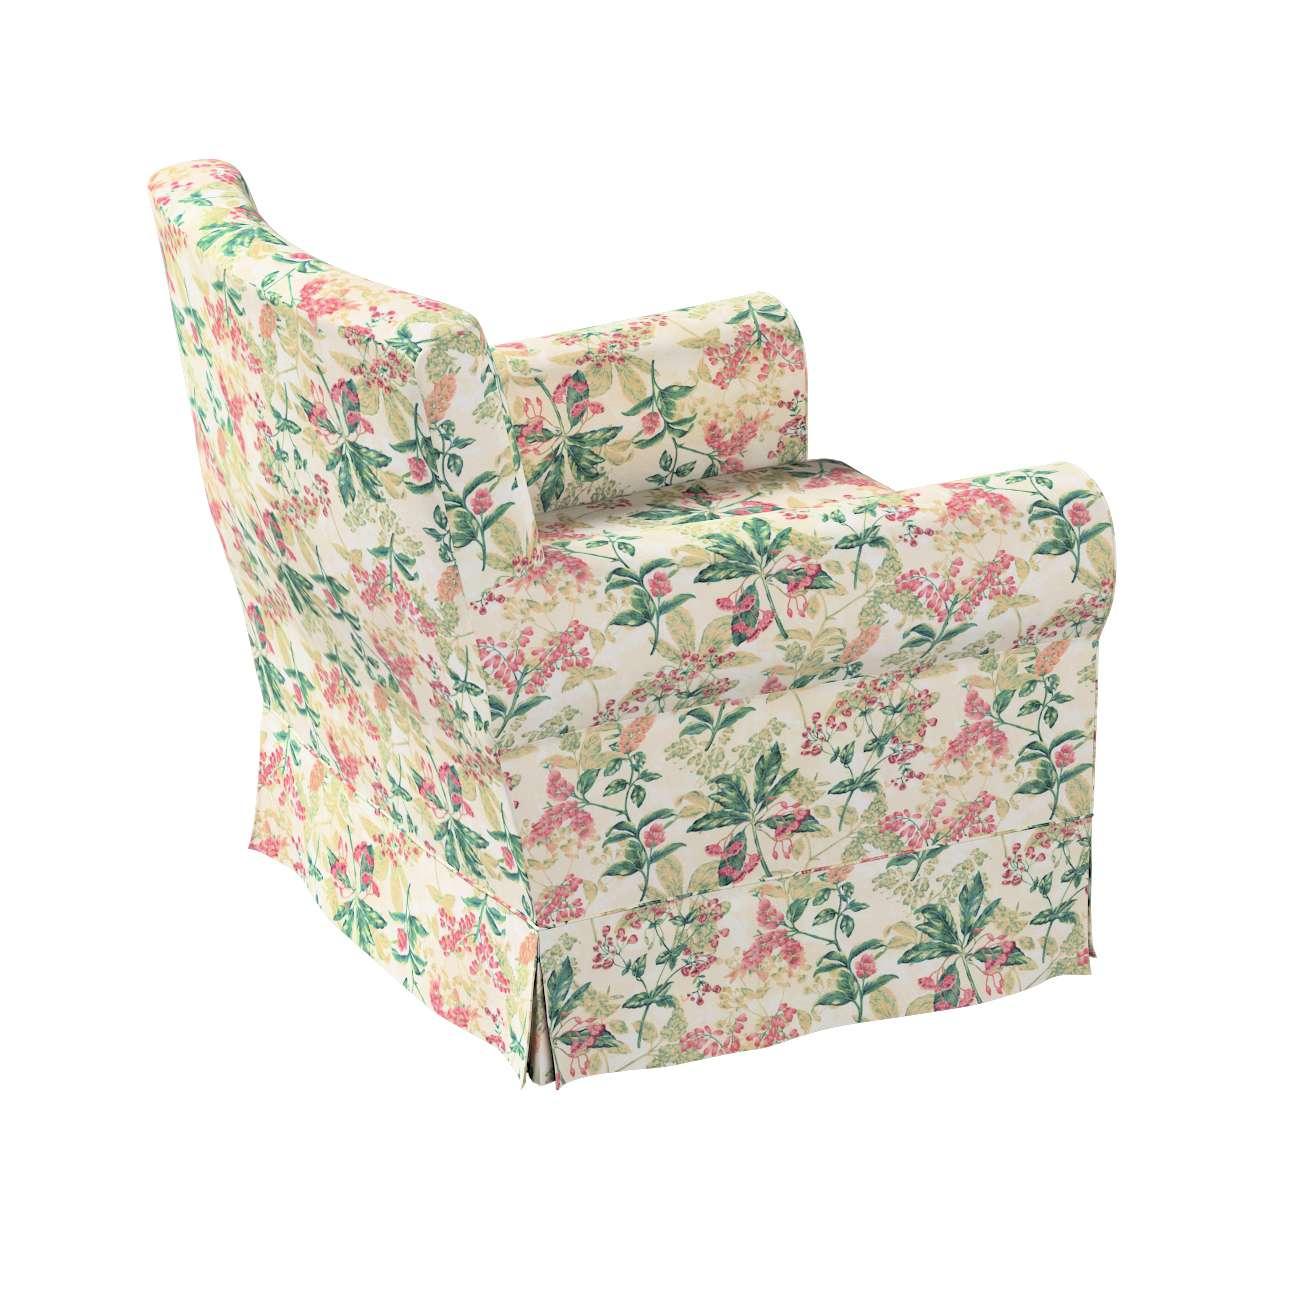 Pokrowiec na fotel Ektorp Jennylund w kolekcji Londres, tkanina: 143-41